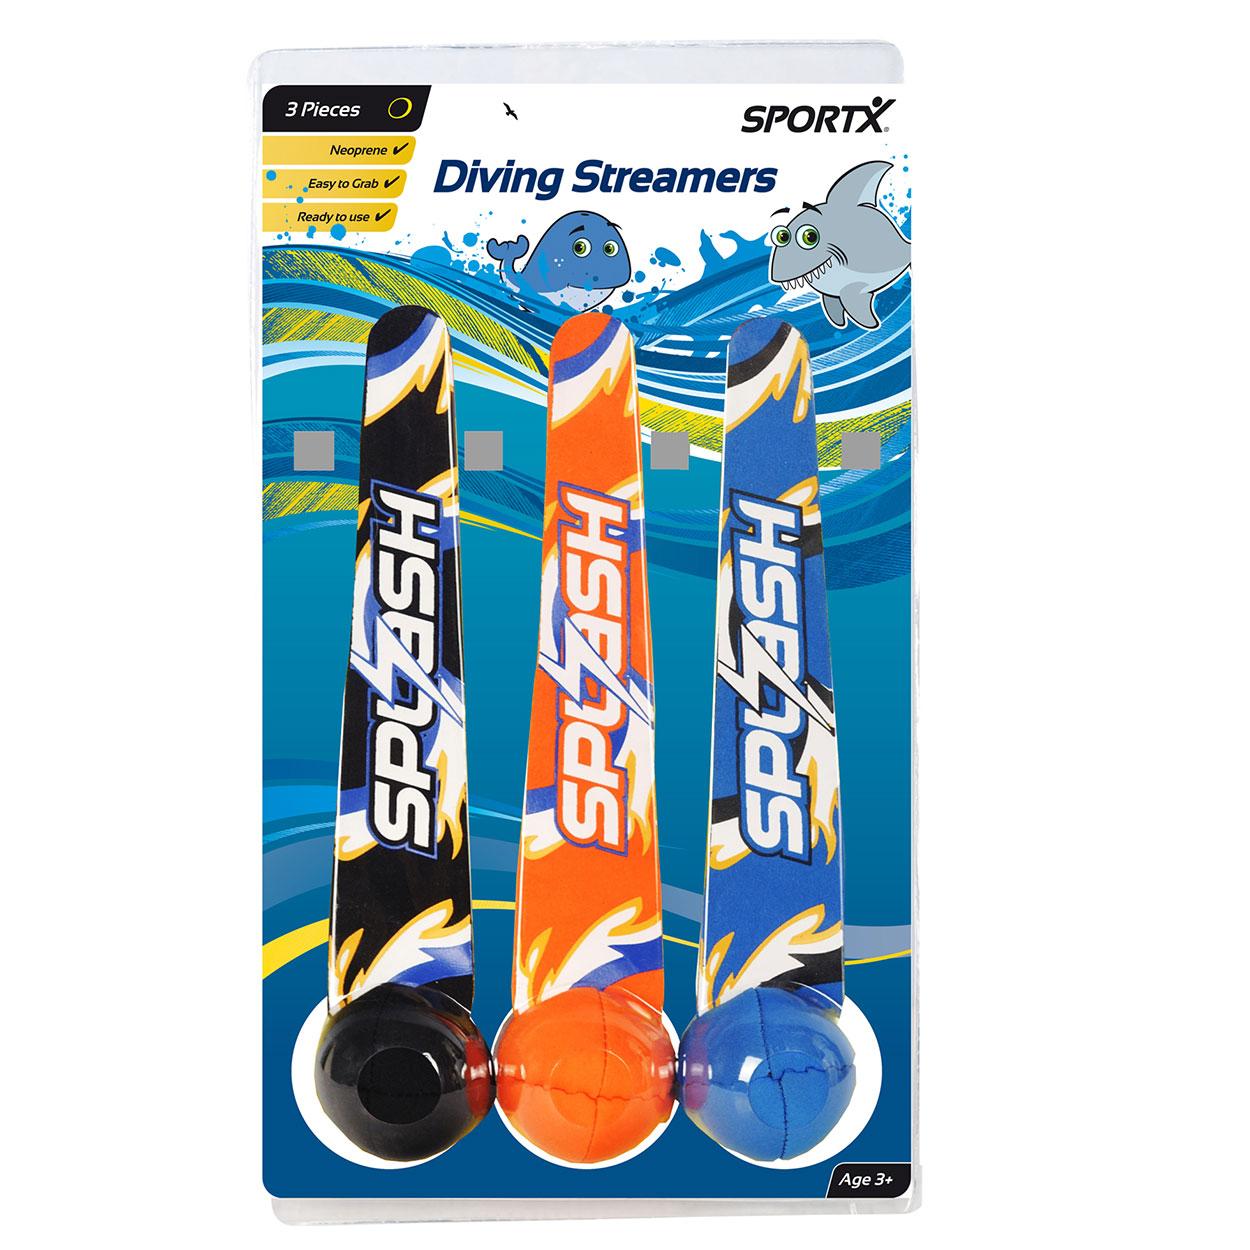 Billede af SportX Neopren diving streamers - 3 stk. pk.